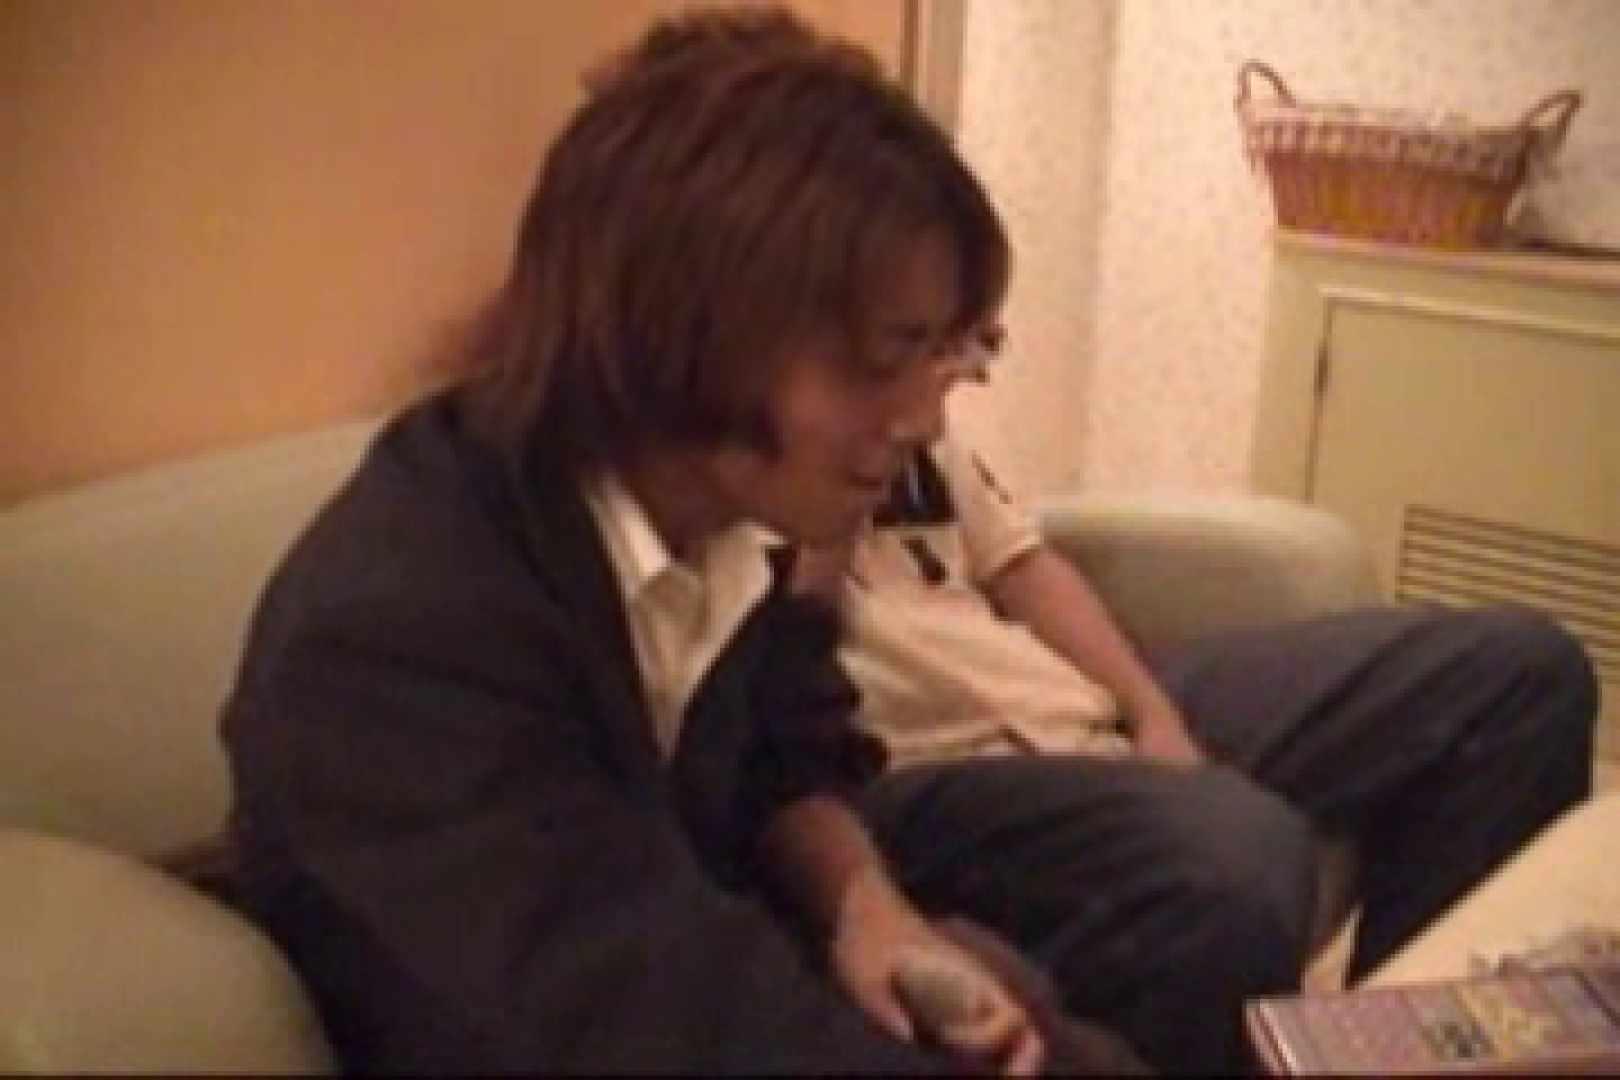 【流出】ジャニ系イケメン!!フライング&アナルが痛くて出来ません!! チンコ動画 | 手淫 射精無修正動画 83枚 62